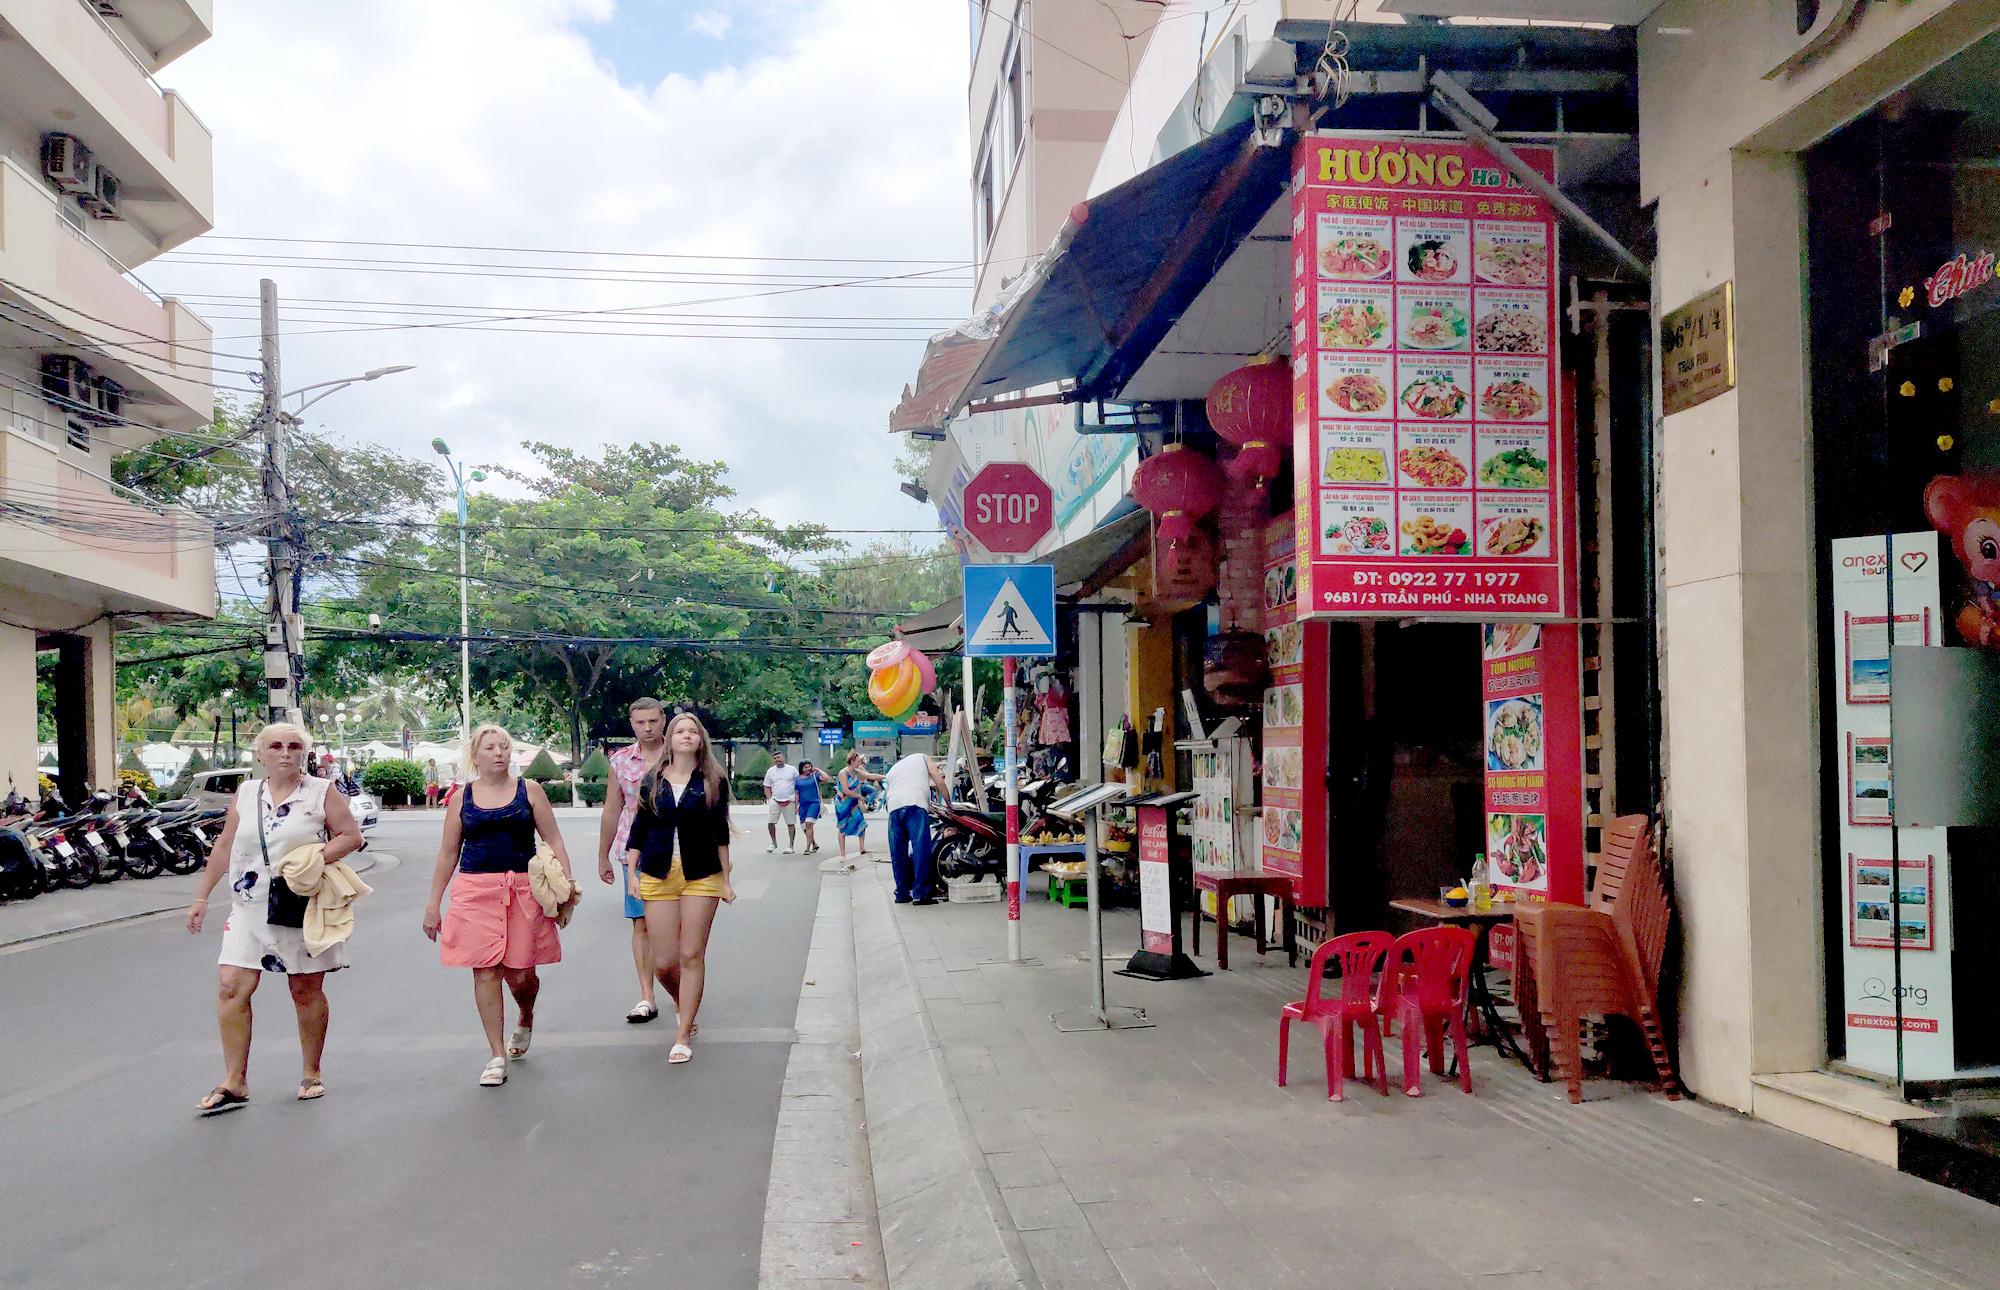 Doanh nghiệp lịch Khánh Hòa:  Kiến nghị các ngân hàng hỗ trợ trước dịch virus Corona - Ảnh 1.